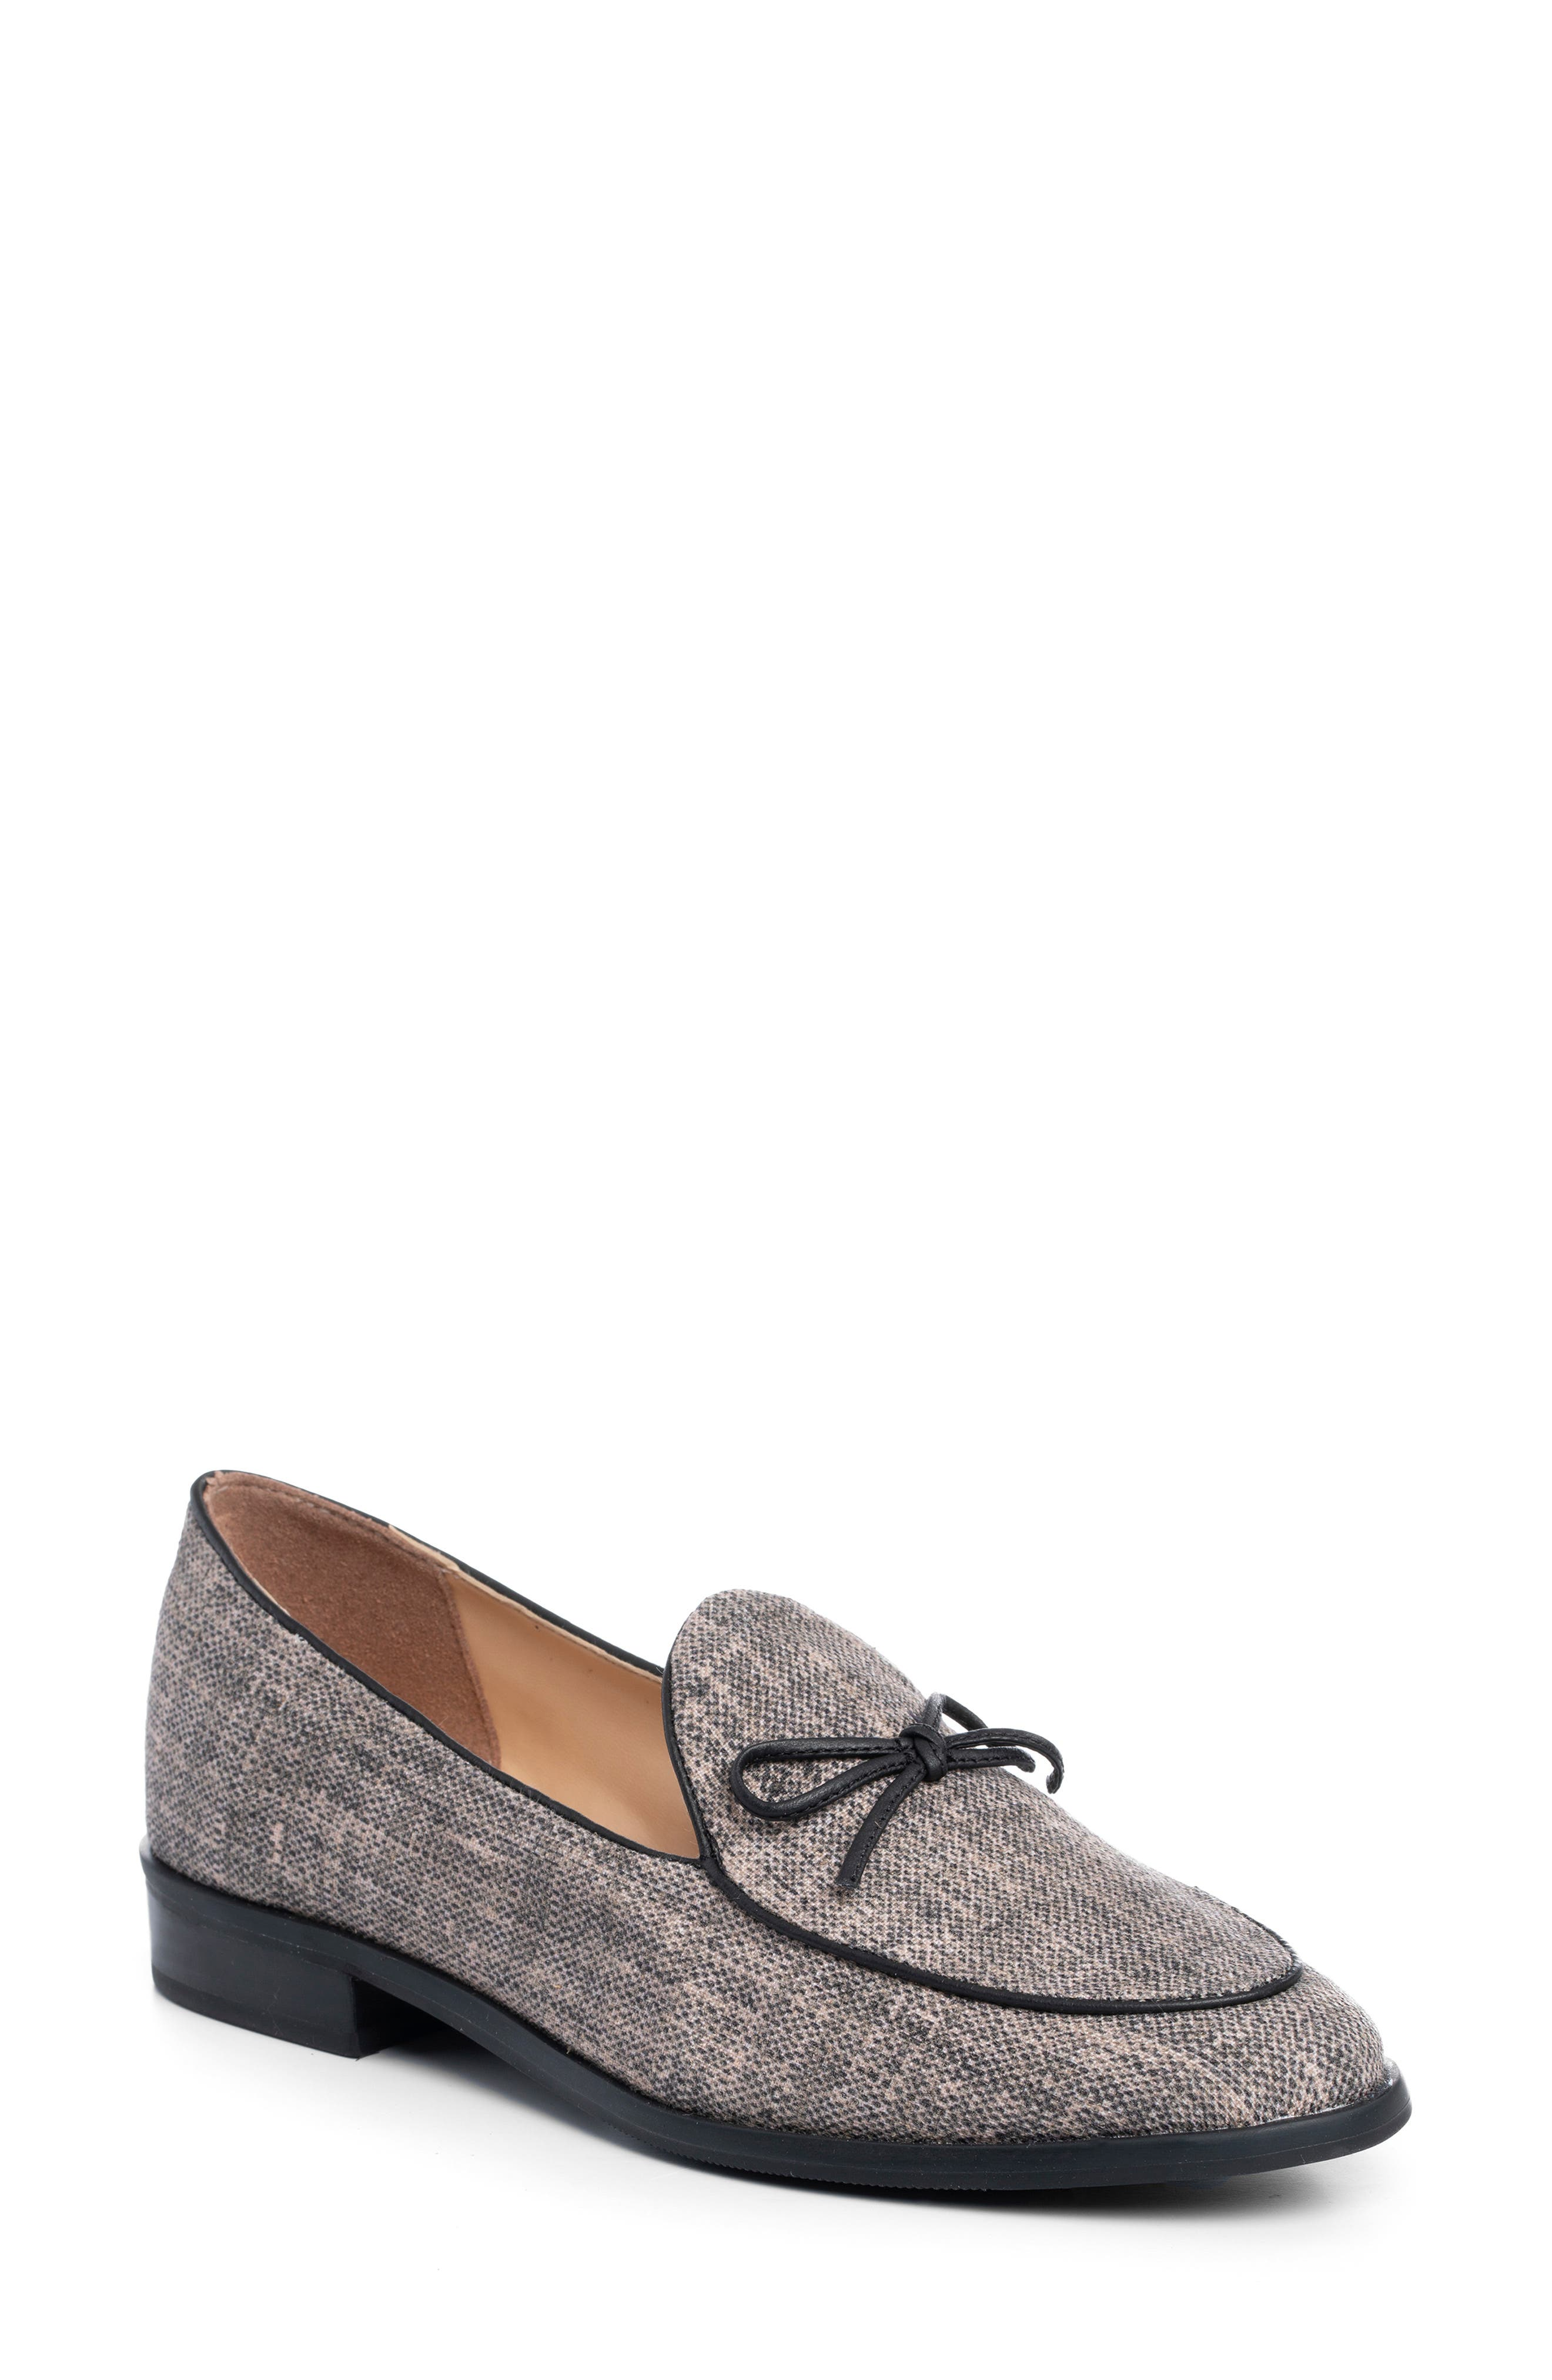 Holland Loafer